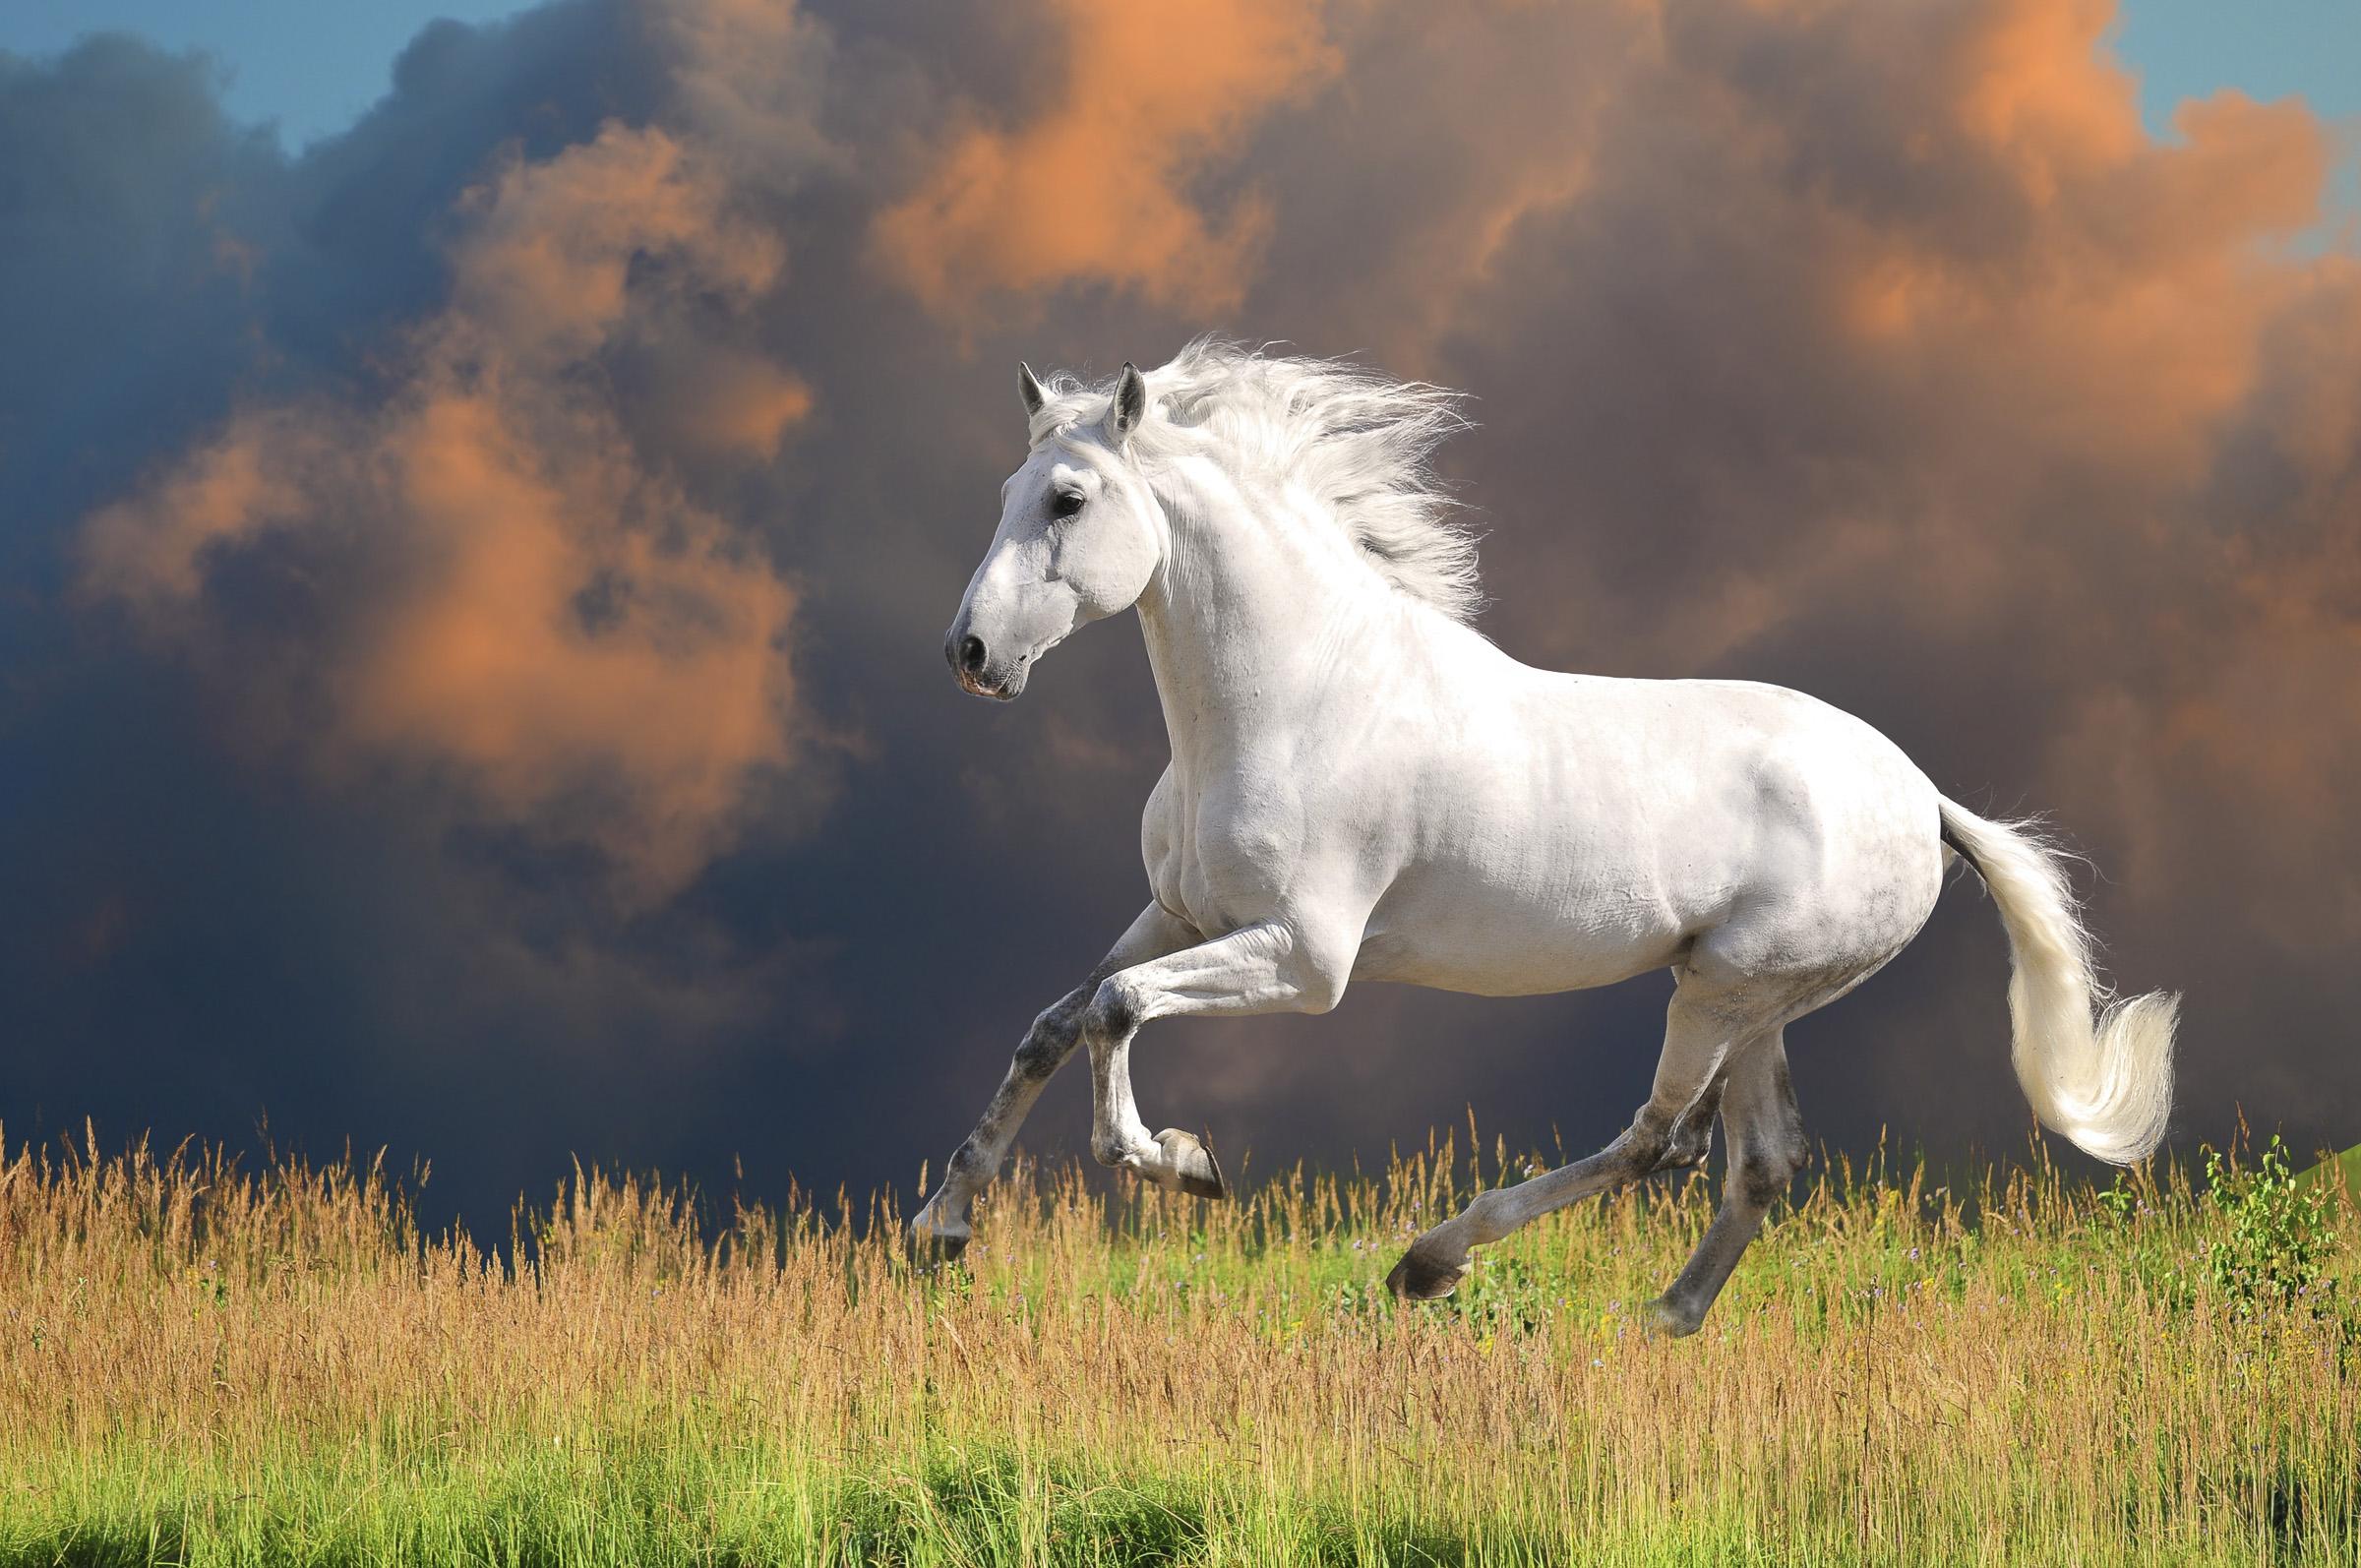 Pferdefotografie in der Natur